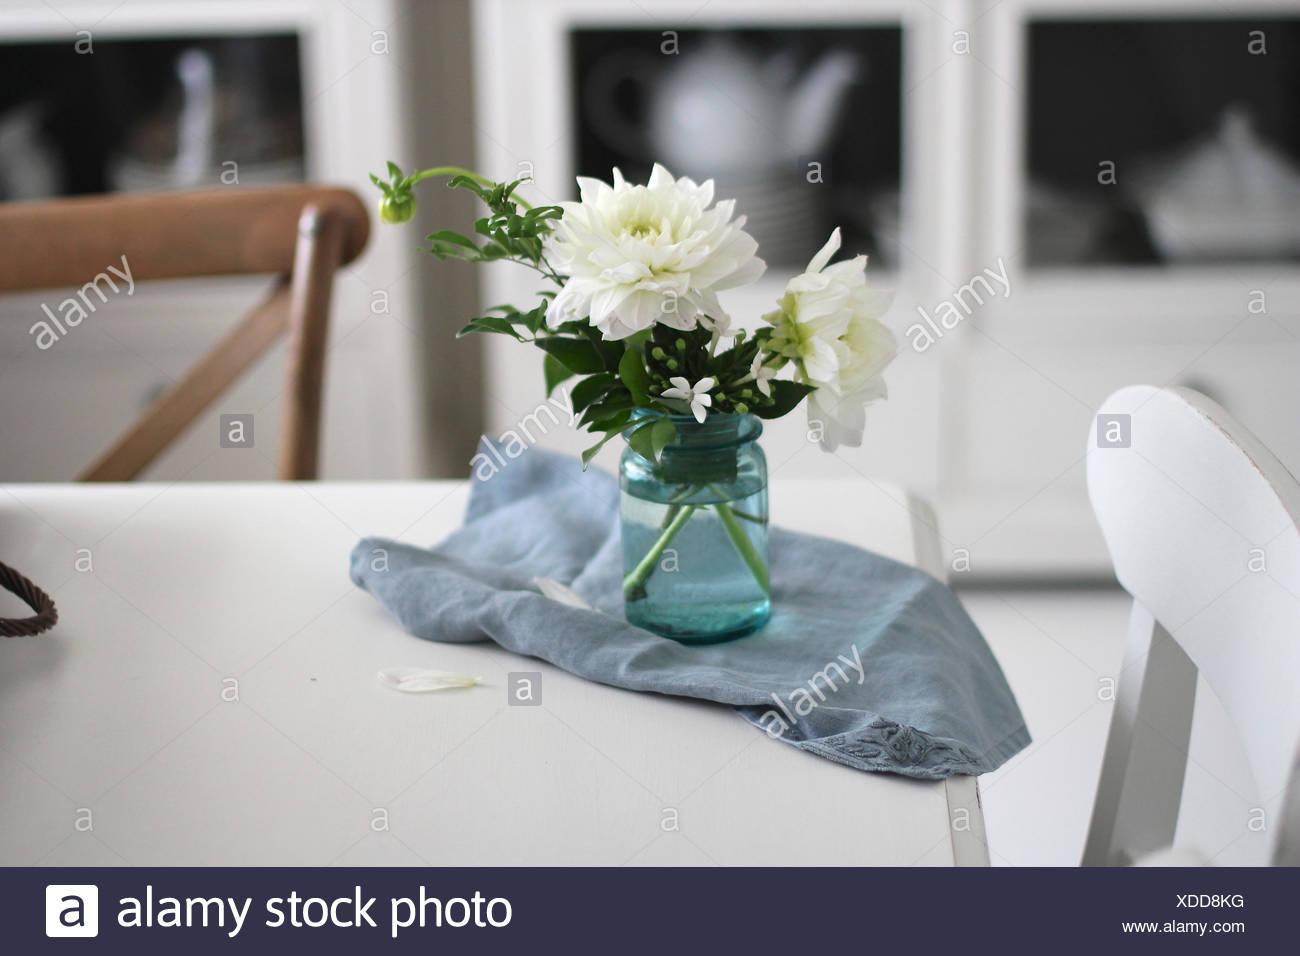 Vase de fleurs et une serviette sur la table de salle à manger Banque D'Images